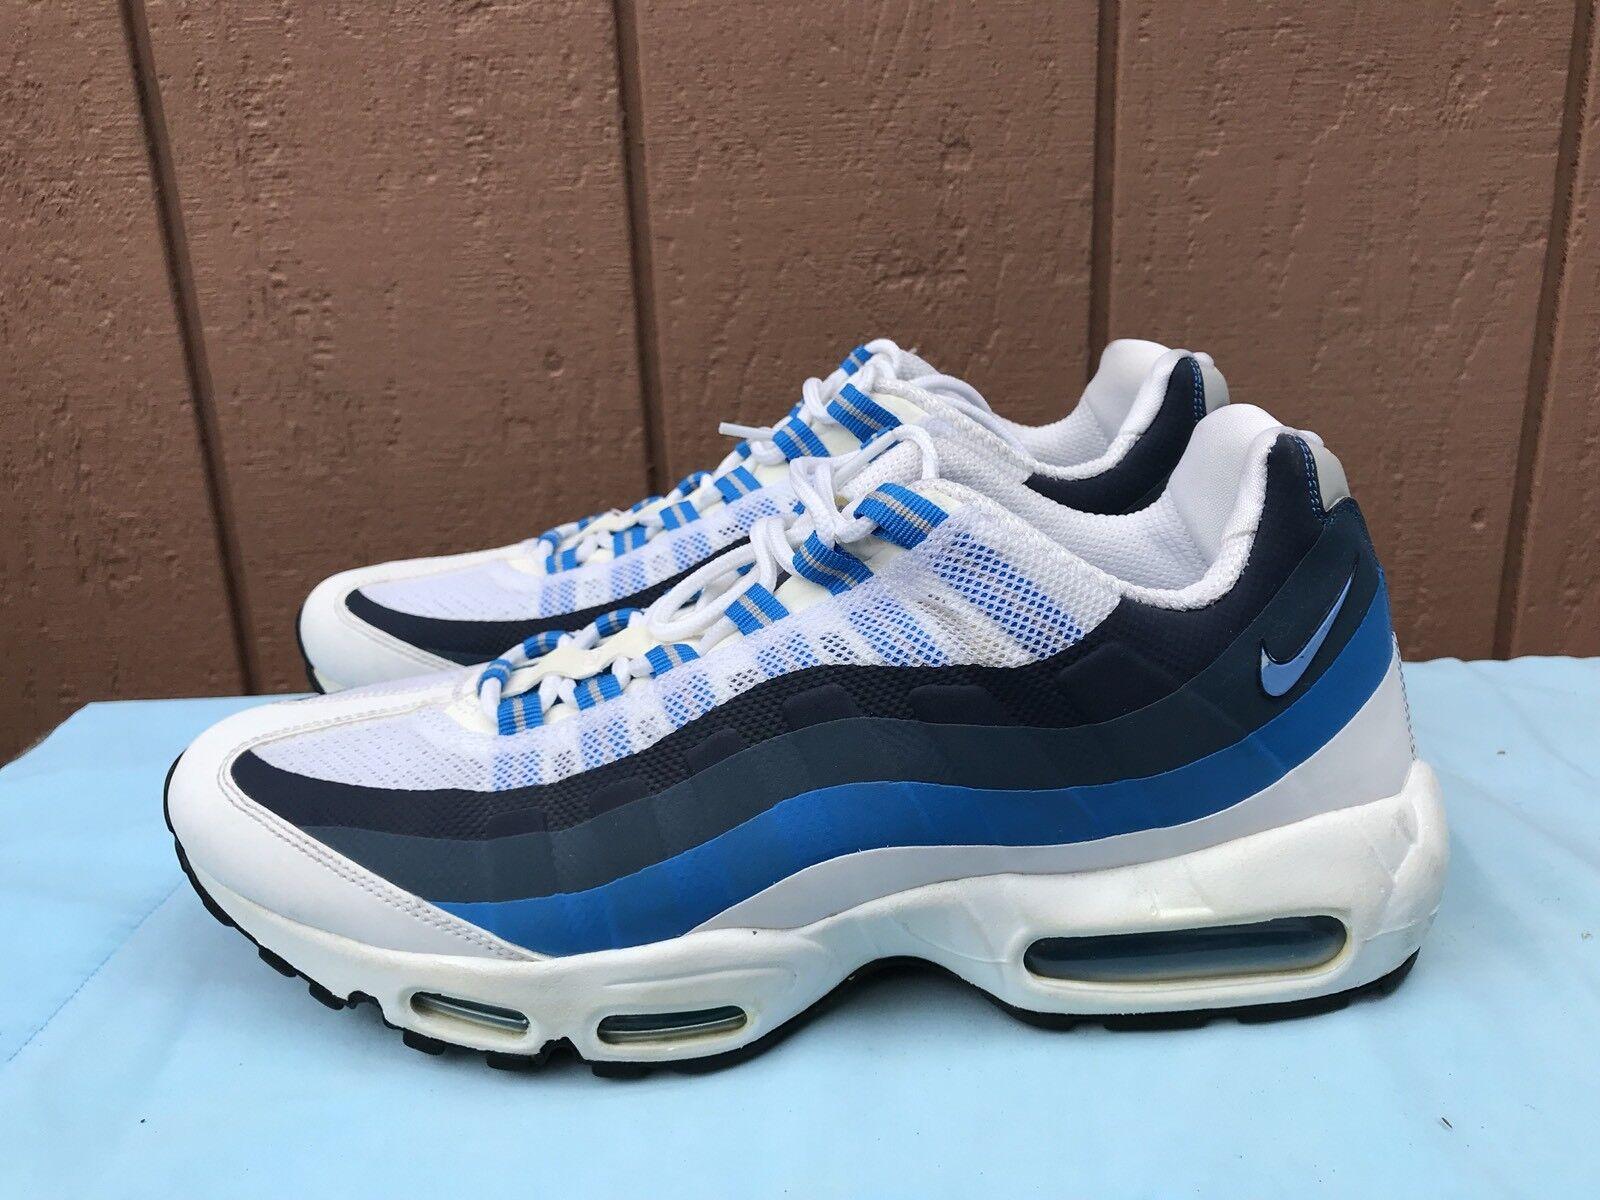 Euc!mens nike - cucire air max blu noi e scarpe bianche dimensioni noi blu 11,5 616190-101 a5 91c5a3